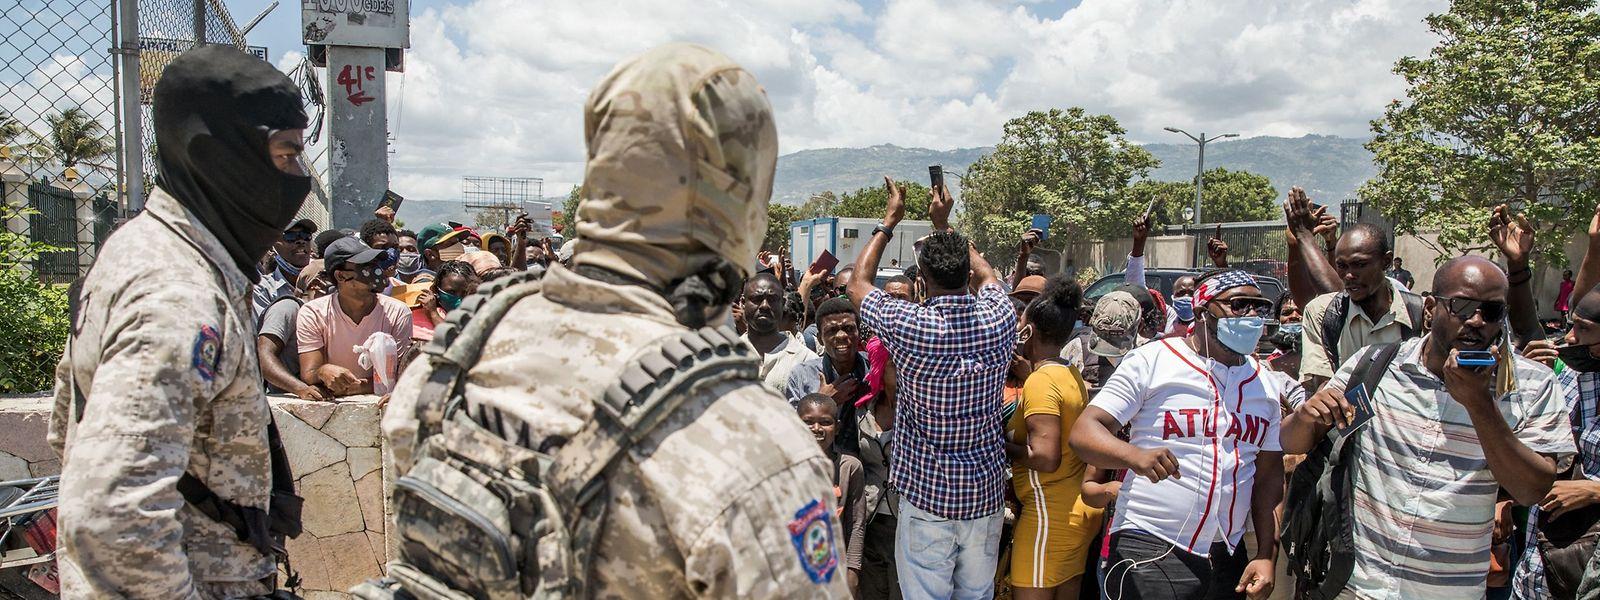 Einwohner Haitis versammeln sich vor der US-Botschaft und bitten um Asyl. Der Präsidentenmord hat in Haiti erneut zu Unruhen geführt.